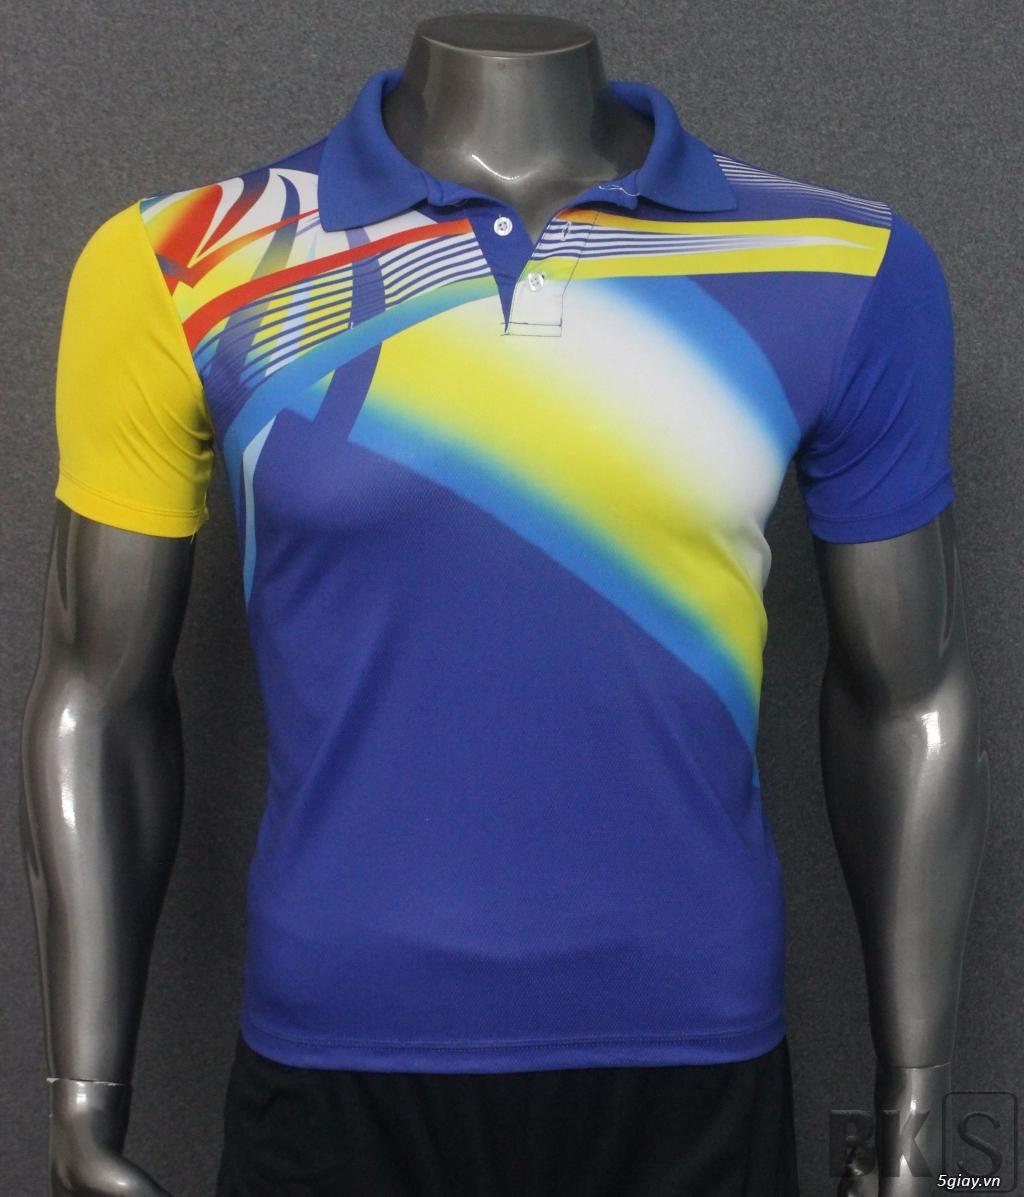 Áo bóng đá HP-địa chỉ gốc sản xuất trang phục thể thao số 1 Việt Nam - 12